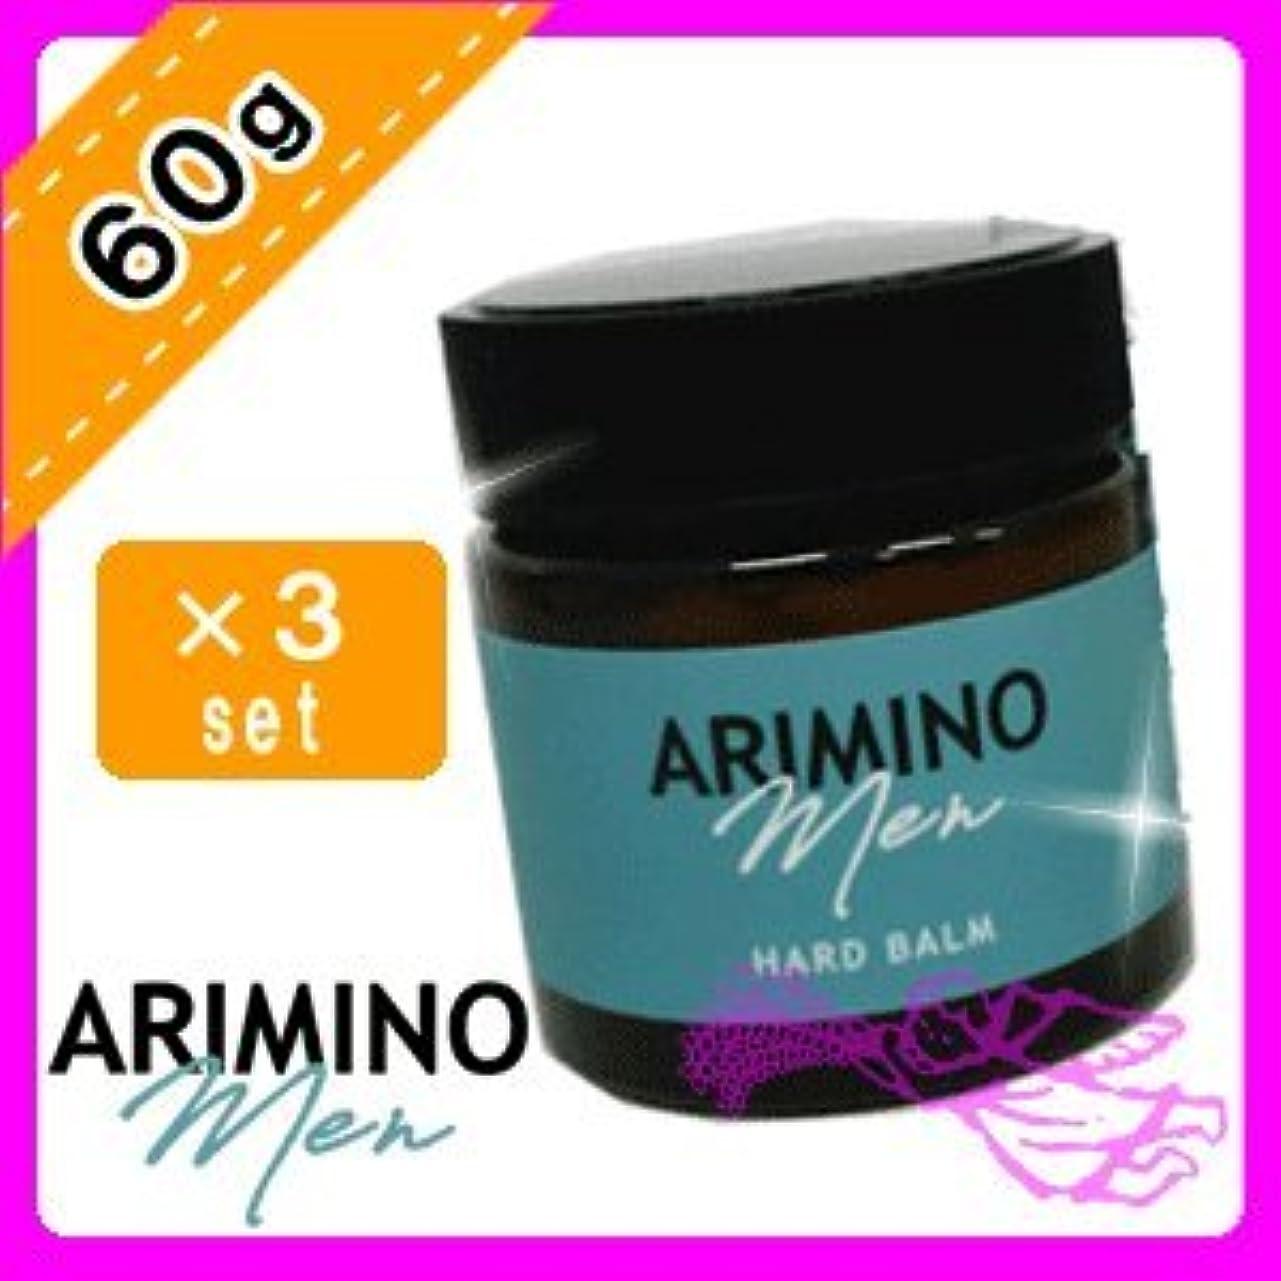 直立おもしろい卑しいアリミノ メン ハード バーム 60g ×3個 セット arimino men